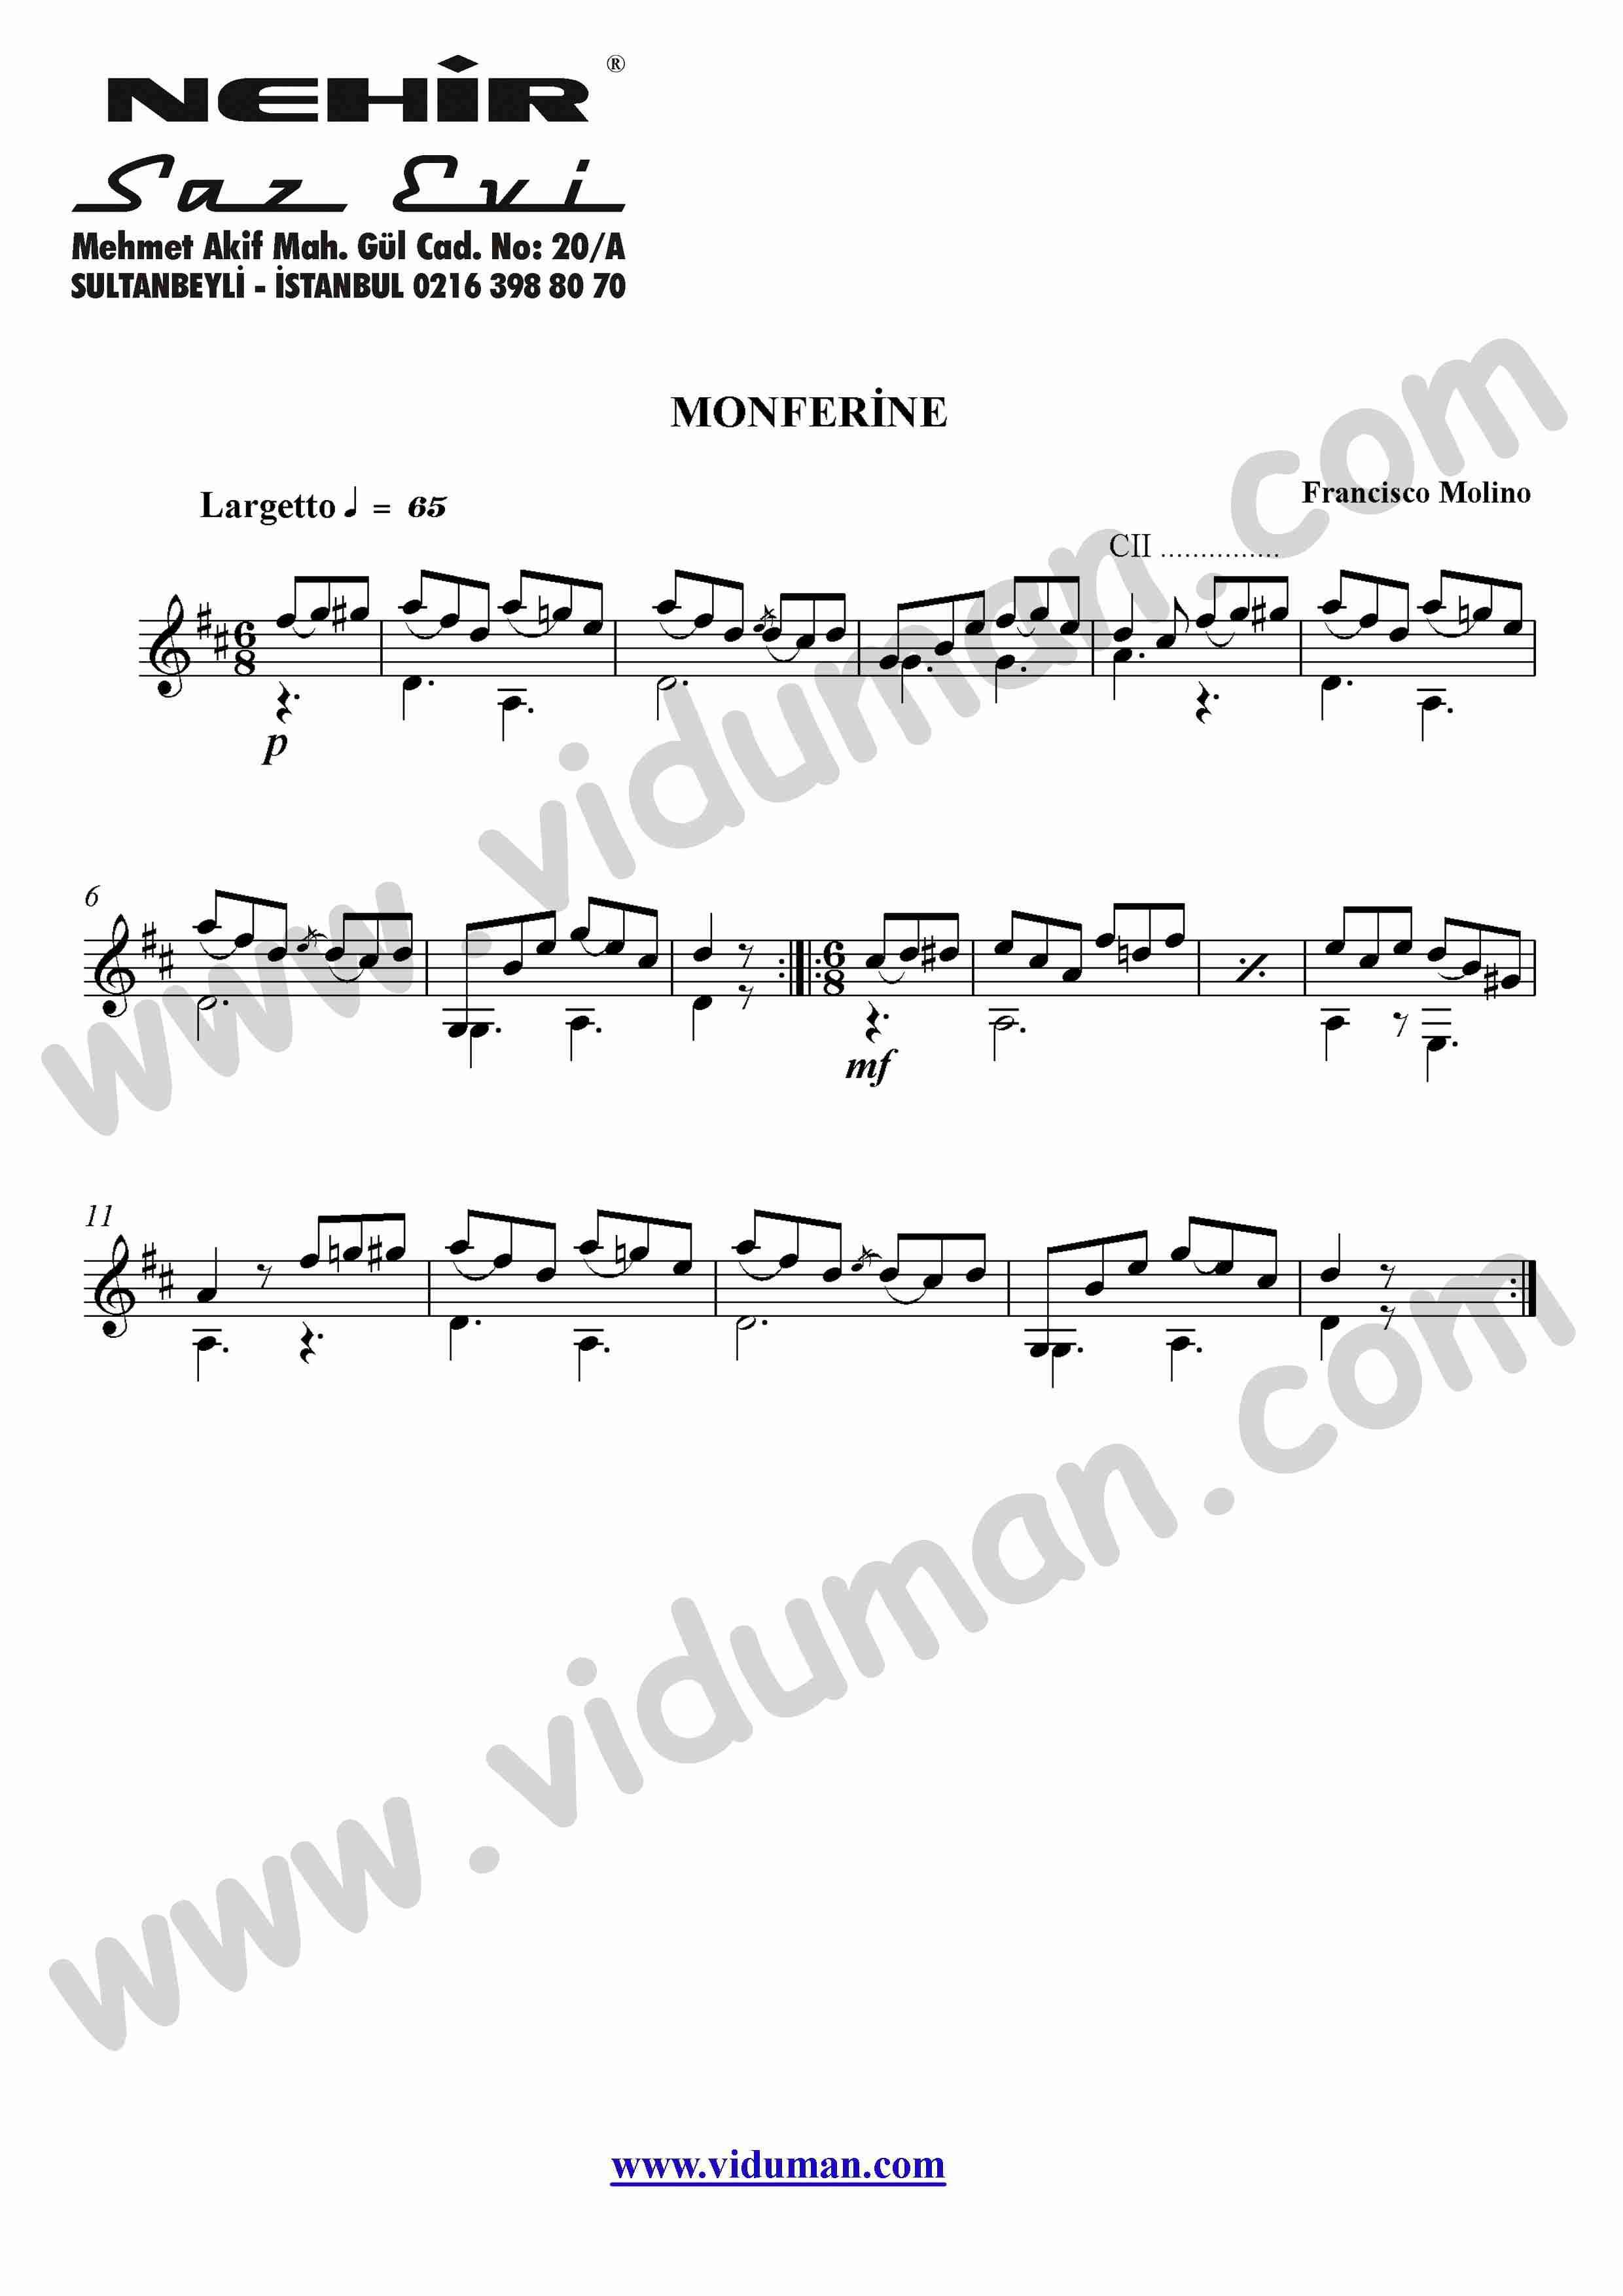 25- Monferine (Francisco Molino)